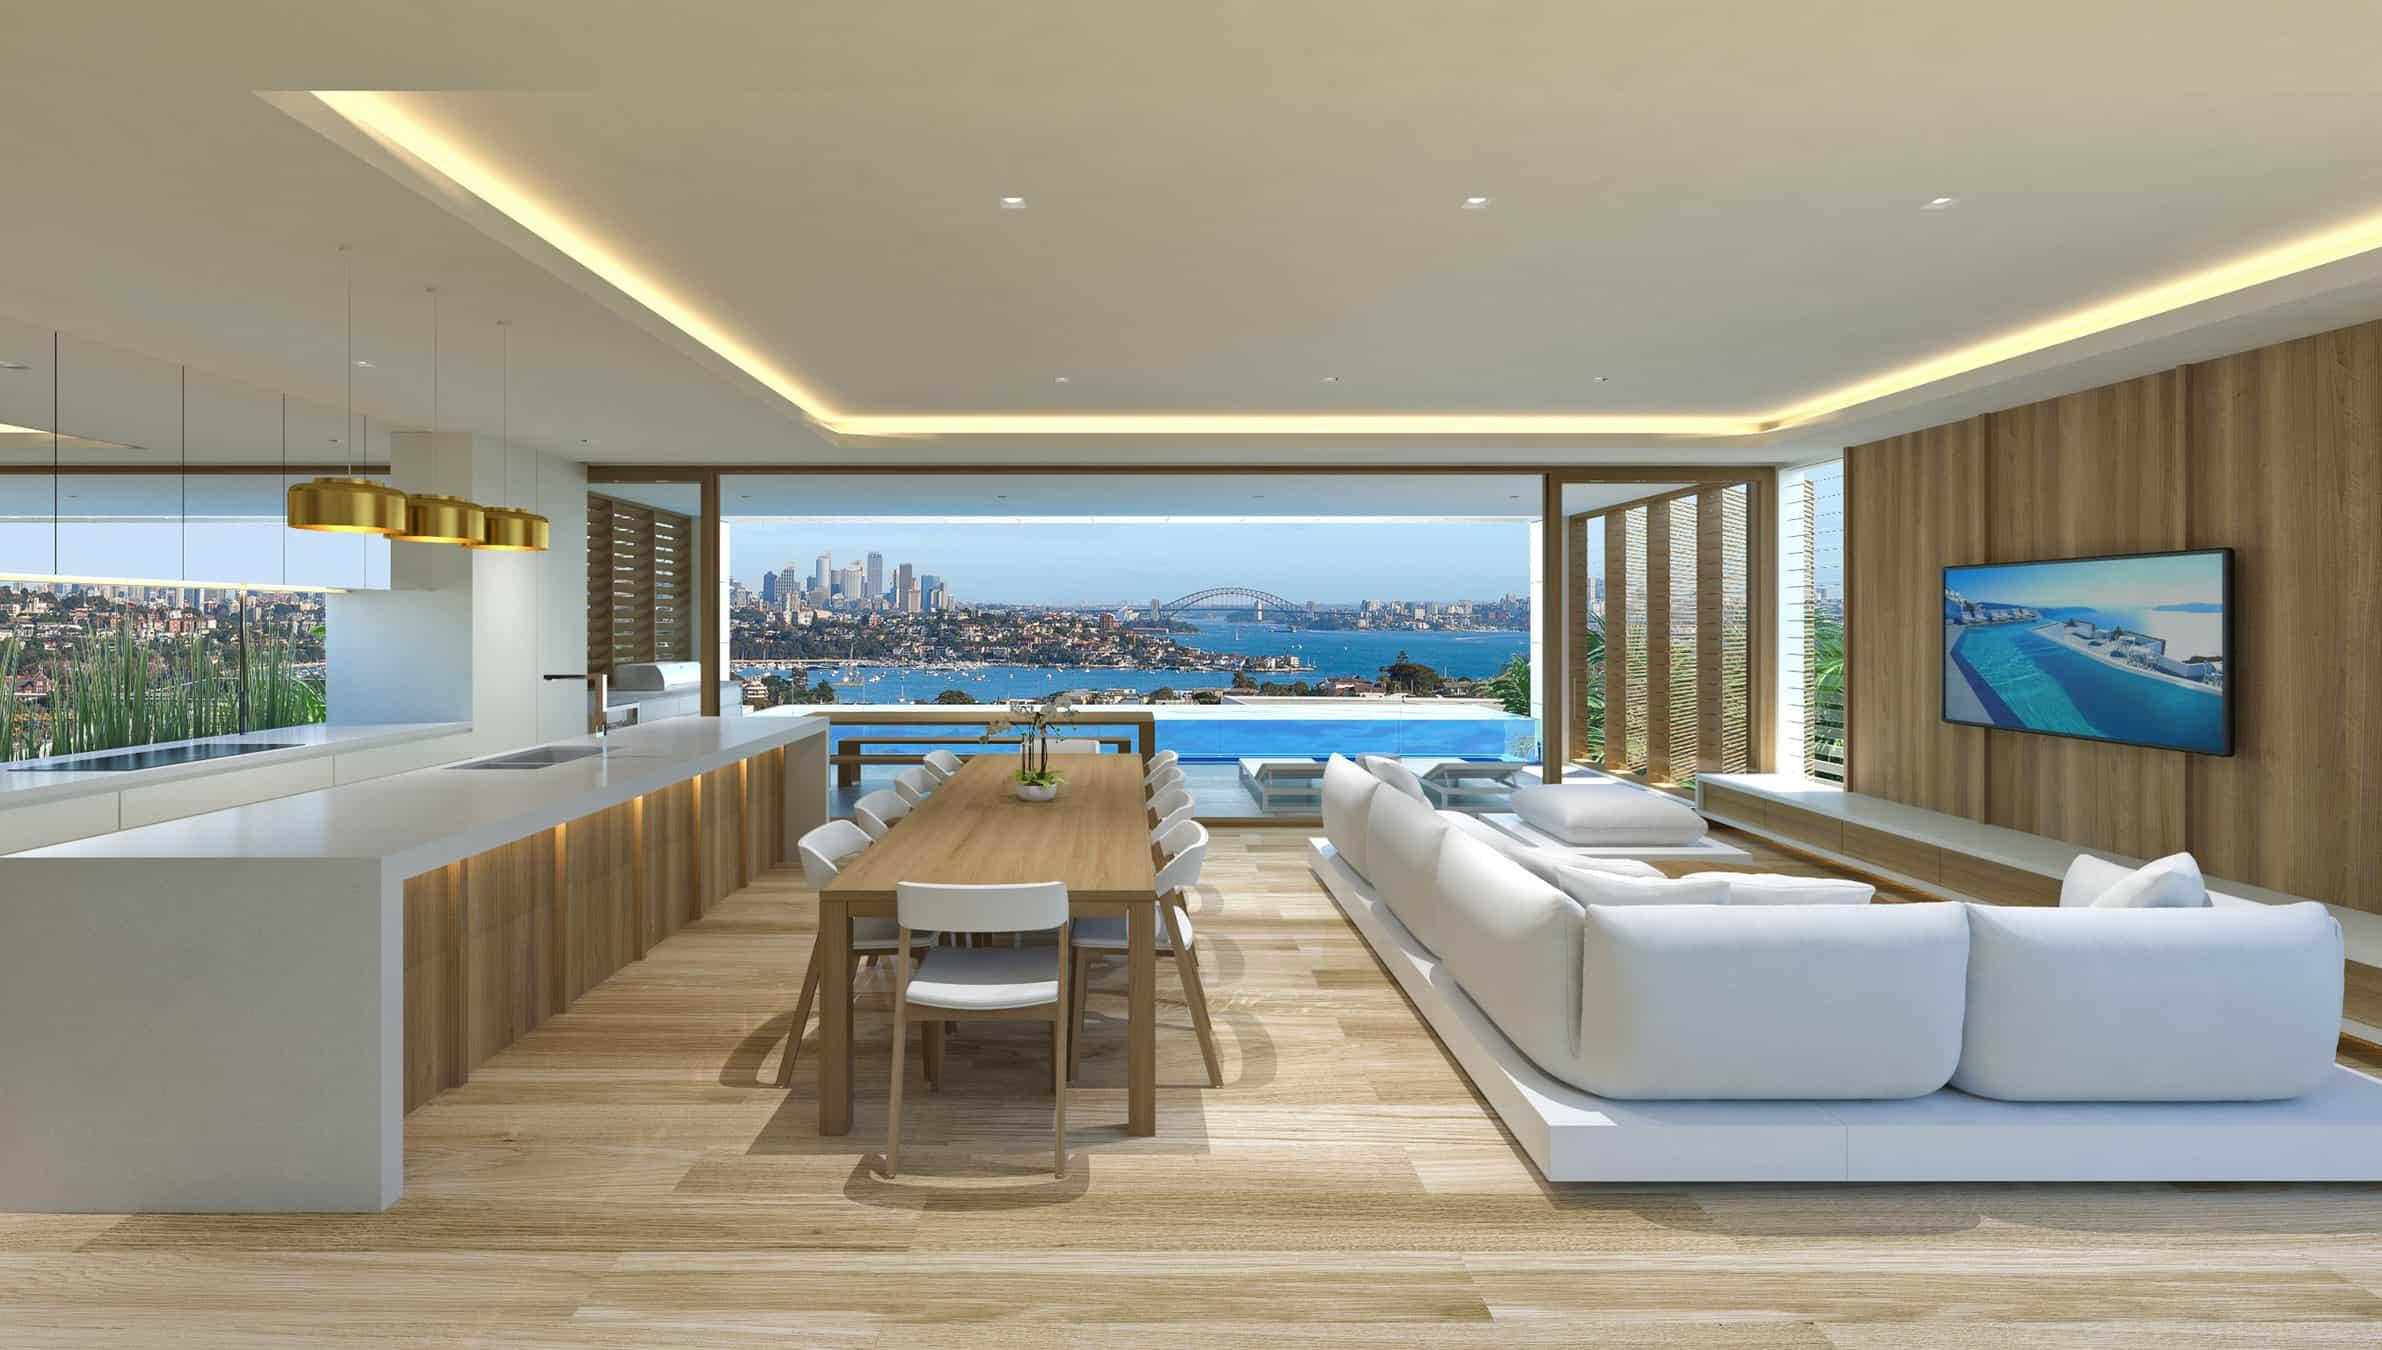 SYDNEY HARBOUR HOUSE | Chris Clout Design